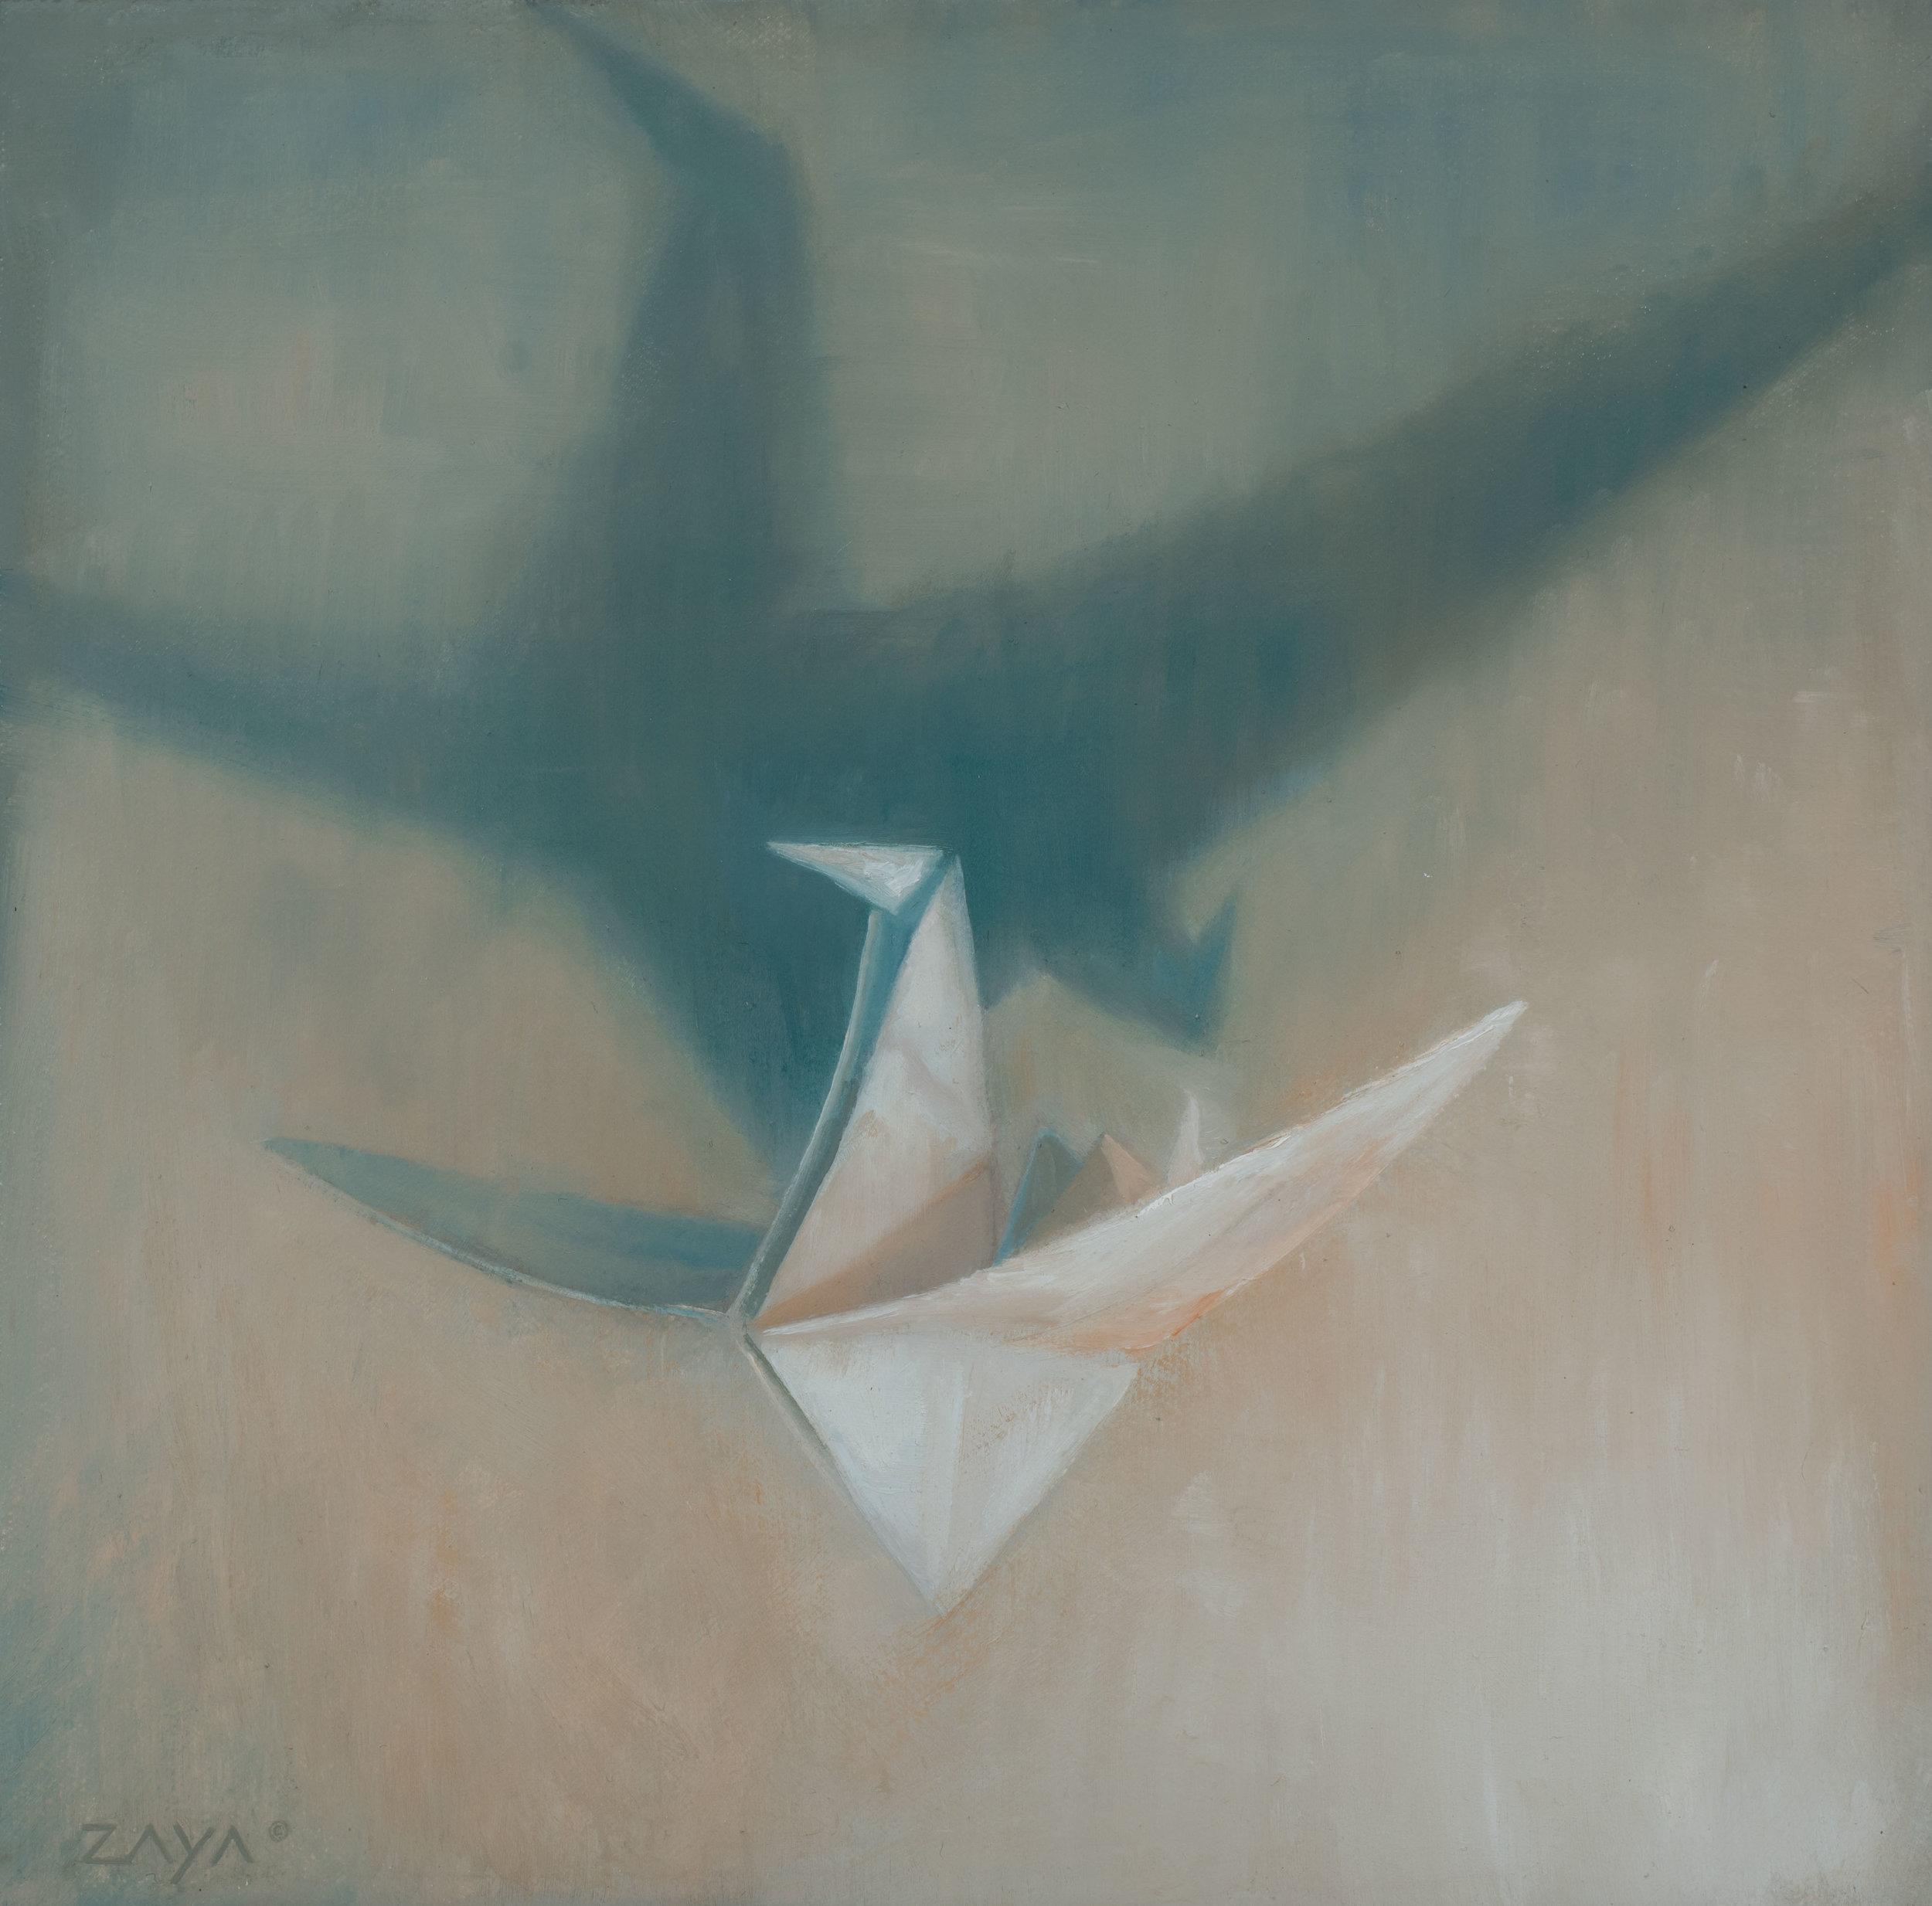 Paper Crane in Flight